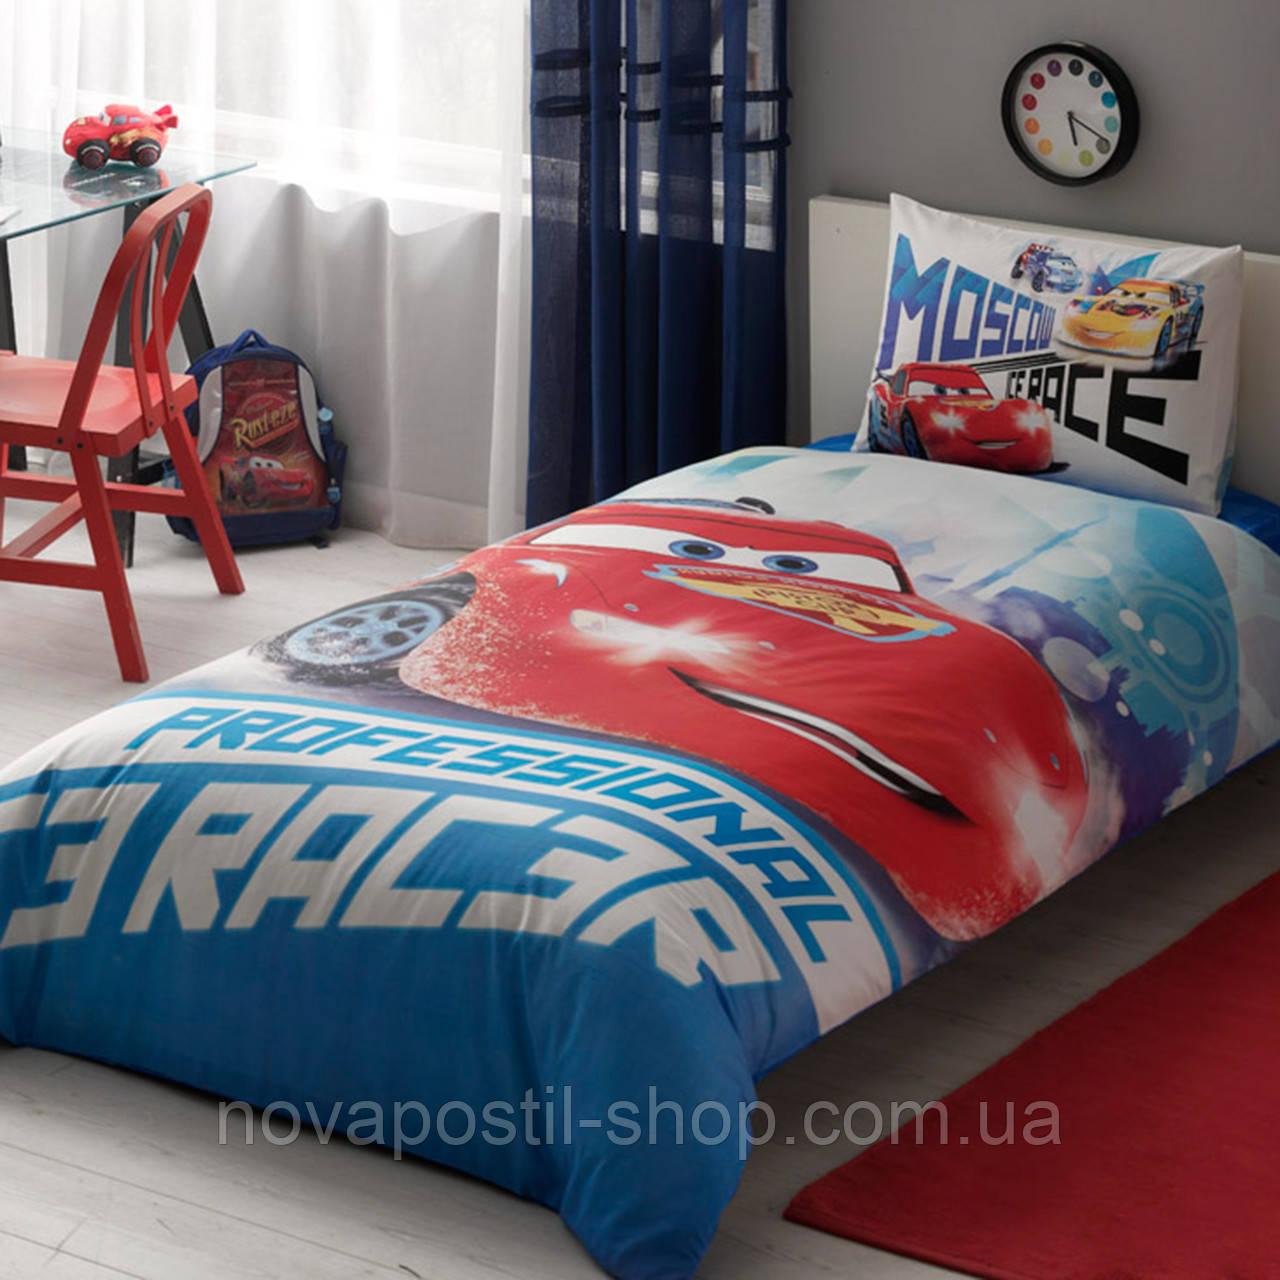 Комплект постельного белья CARS ICE